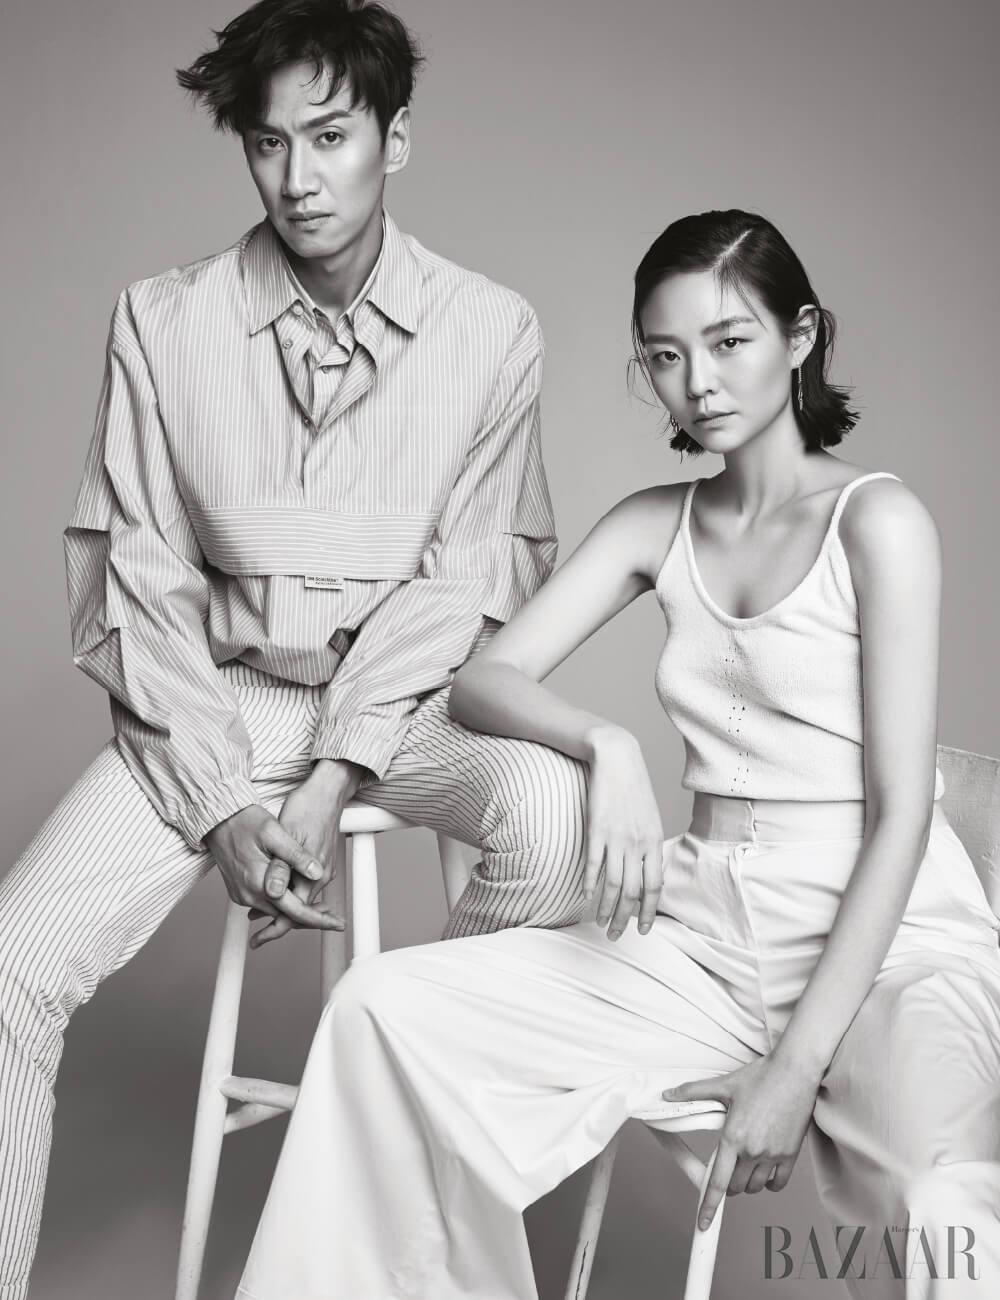 이광수가 입은 스트라이프 셔츠는 Munn, 팬츠는Man ON The Boon. 이솜이 입은 니트 슬리브리스는 Neul, 와이드 팬츠는 Cos, 귀고리는 Hermès.